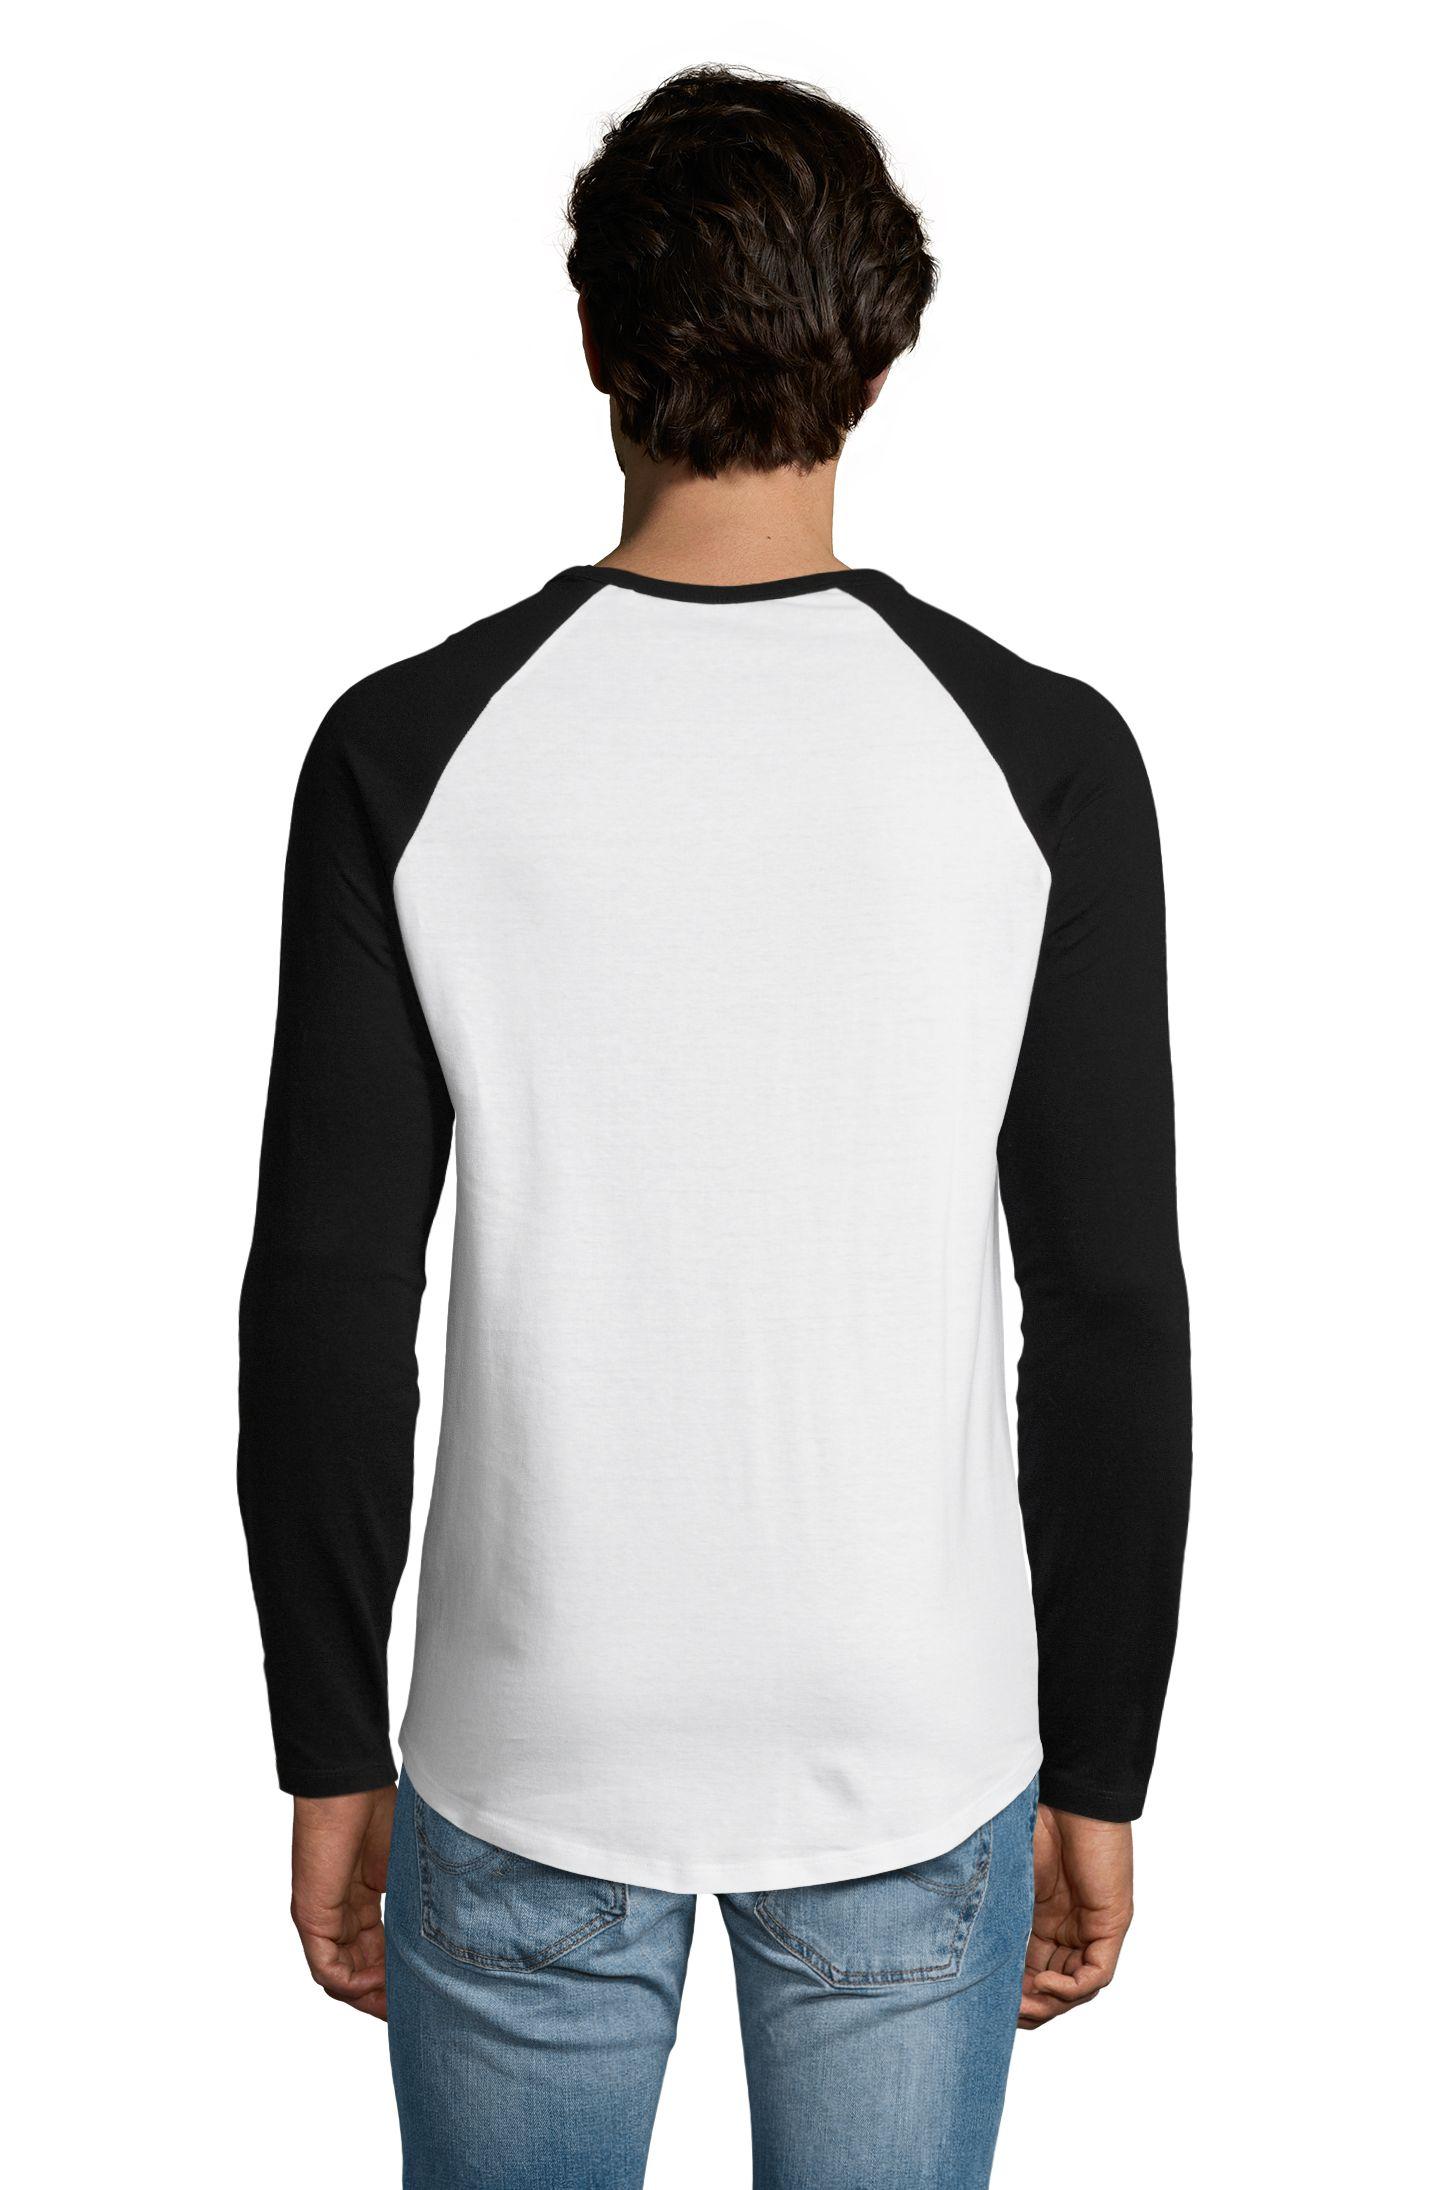 109 - Blanc / noir